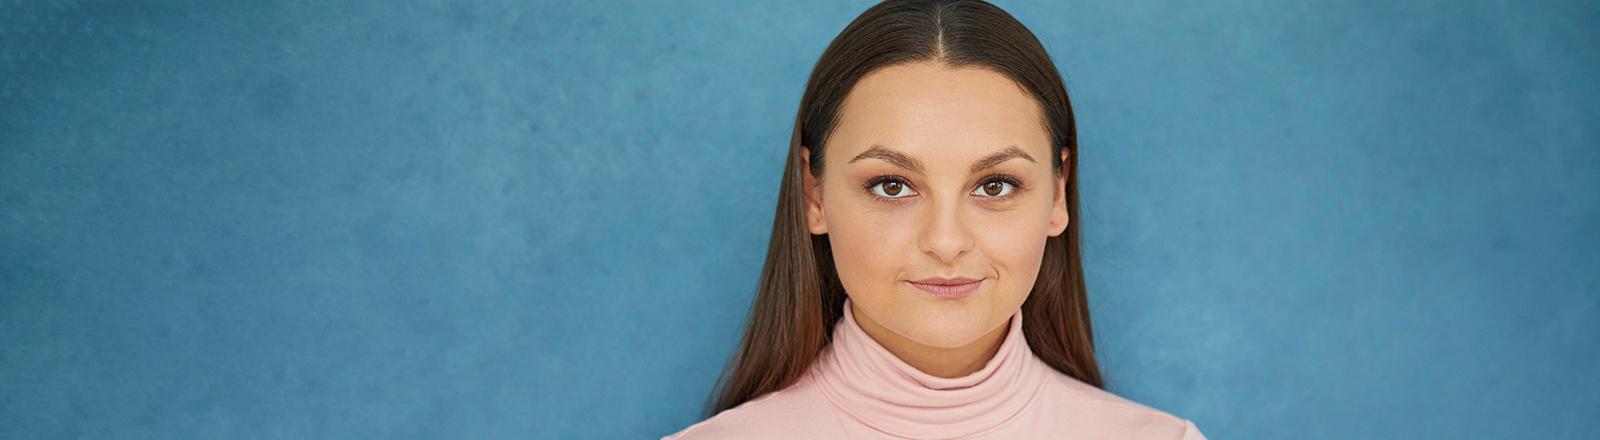 Taisiya Schumacher, Schauspielerin, Romni